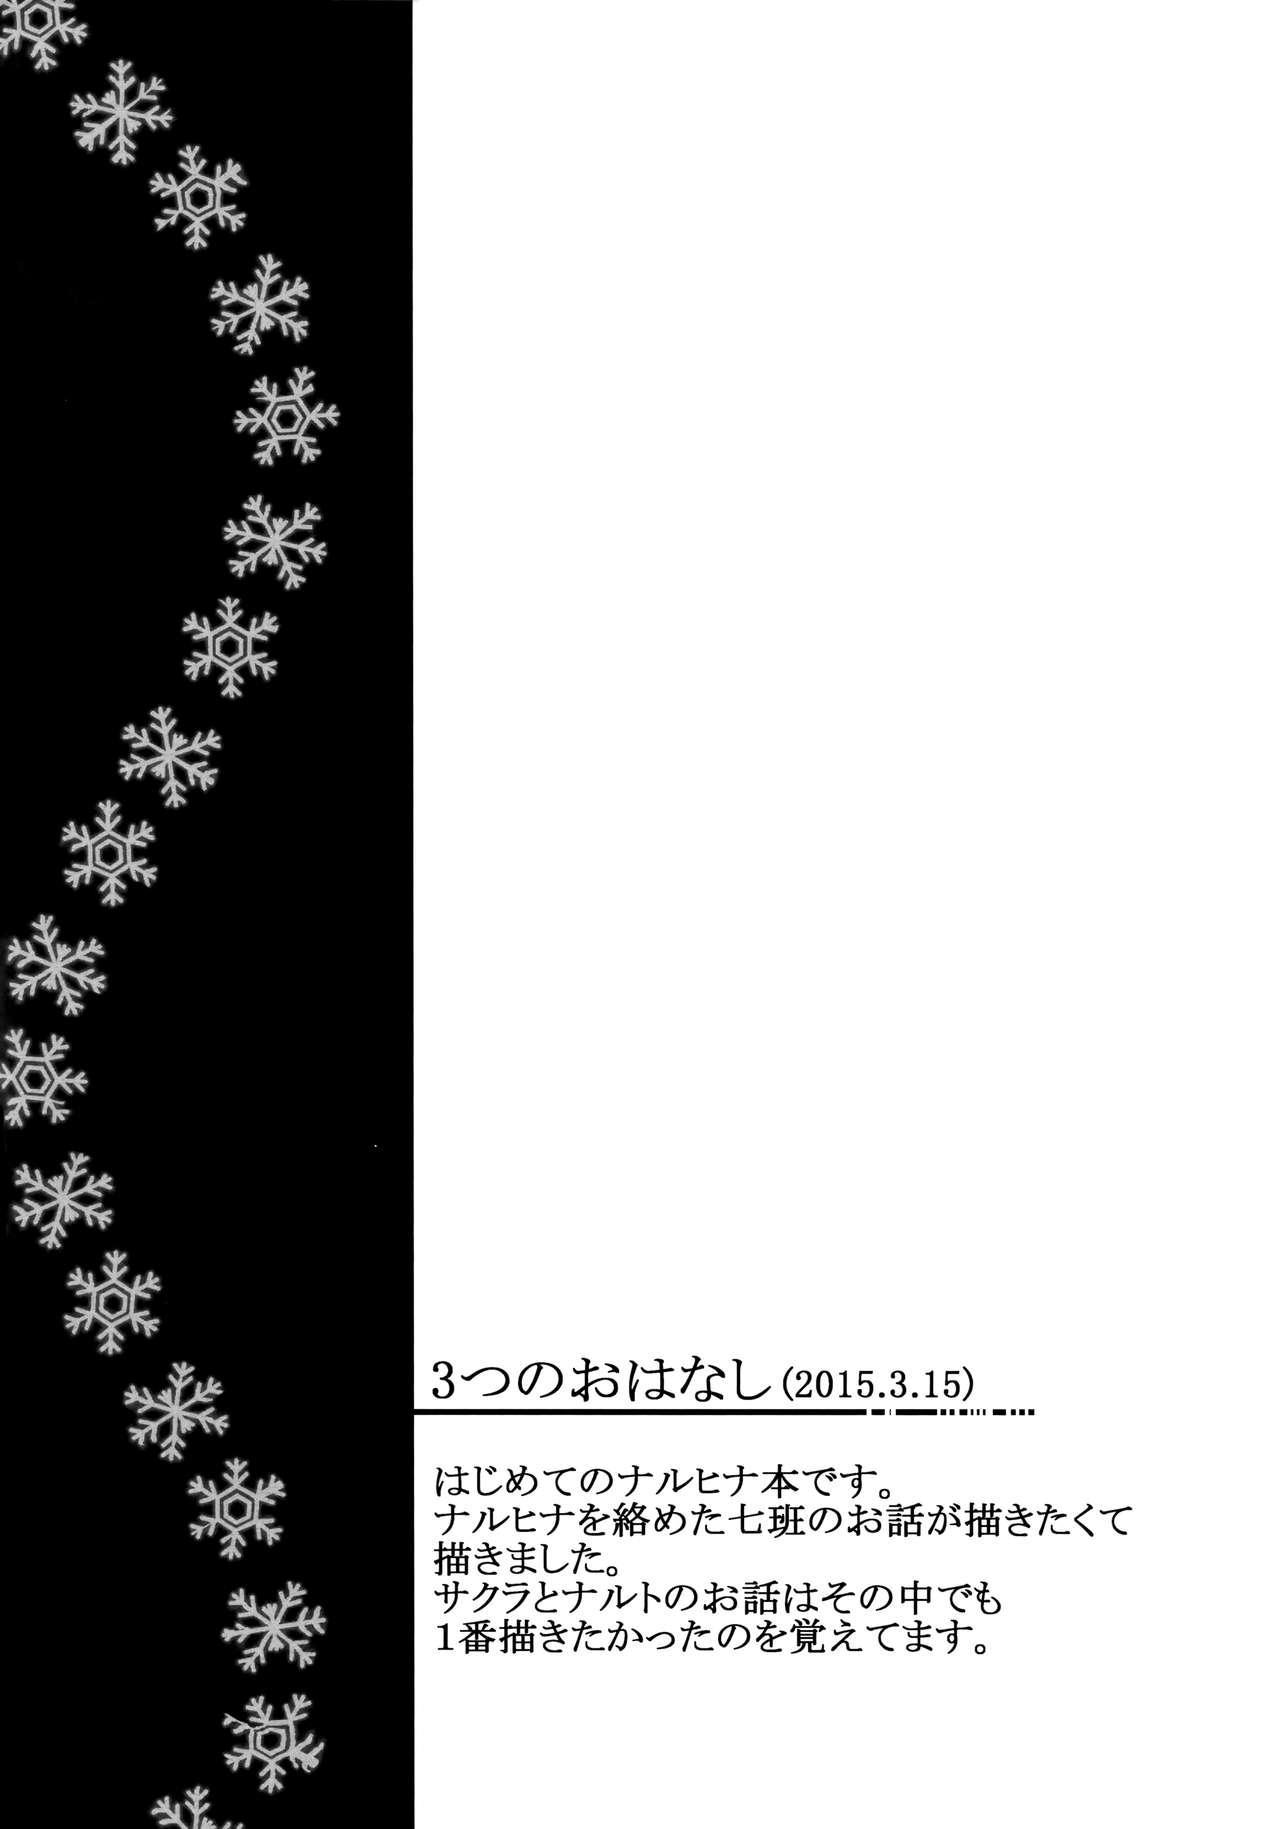 Fuyuiro Memories - Winter Color Memories 5